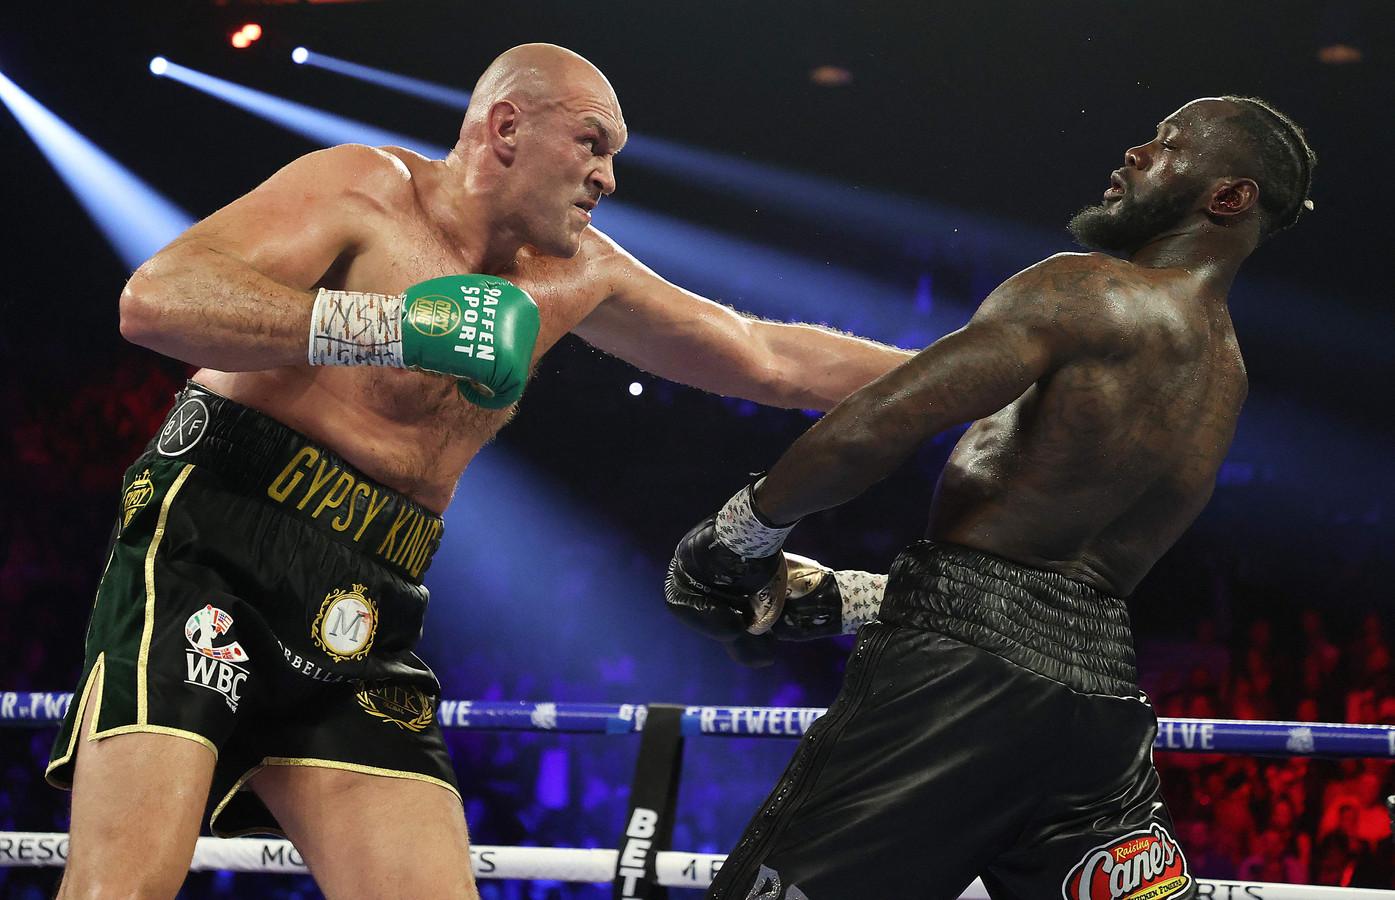 Tyson Fury raakt Deontay Wilder tijdens hun zwaargewicht-gevecht voor Wilder's WBC en Fury's lineaire zwaargewicht titel op 22 februari 2020 in de MGM Grand Garden Arena in Las Vegas.